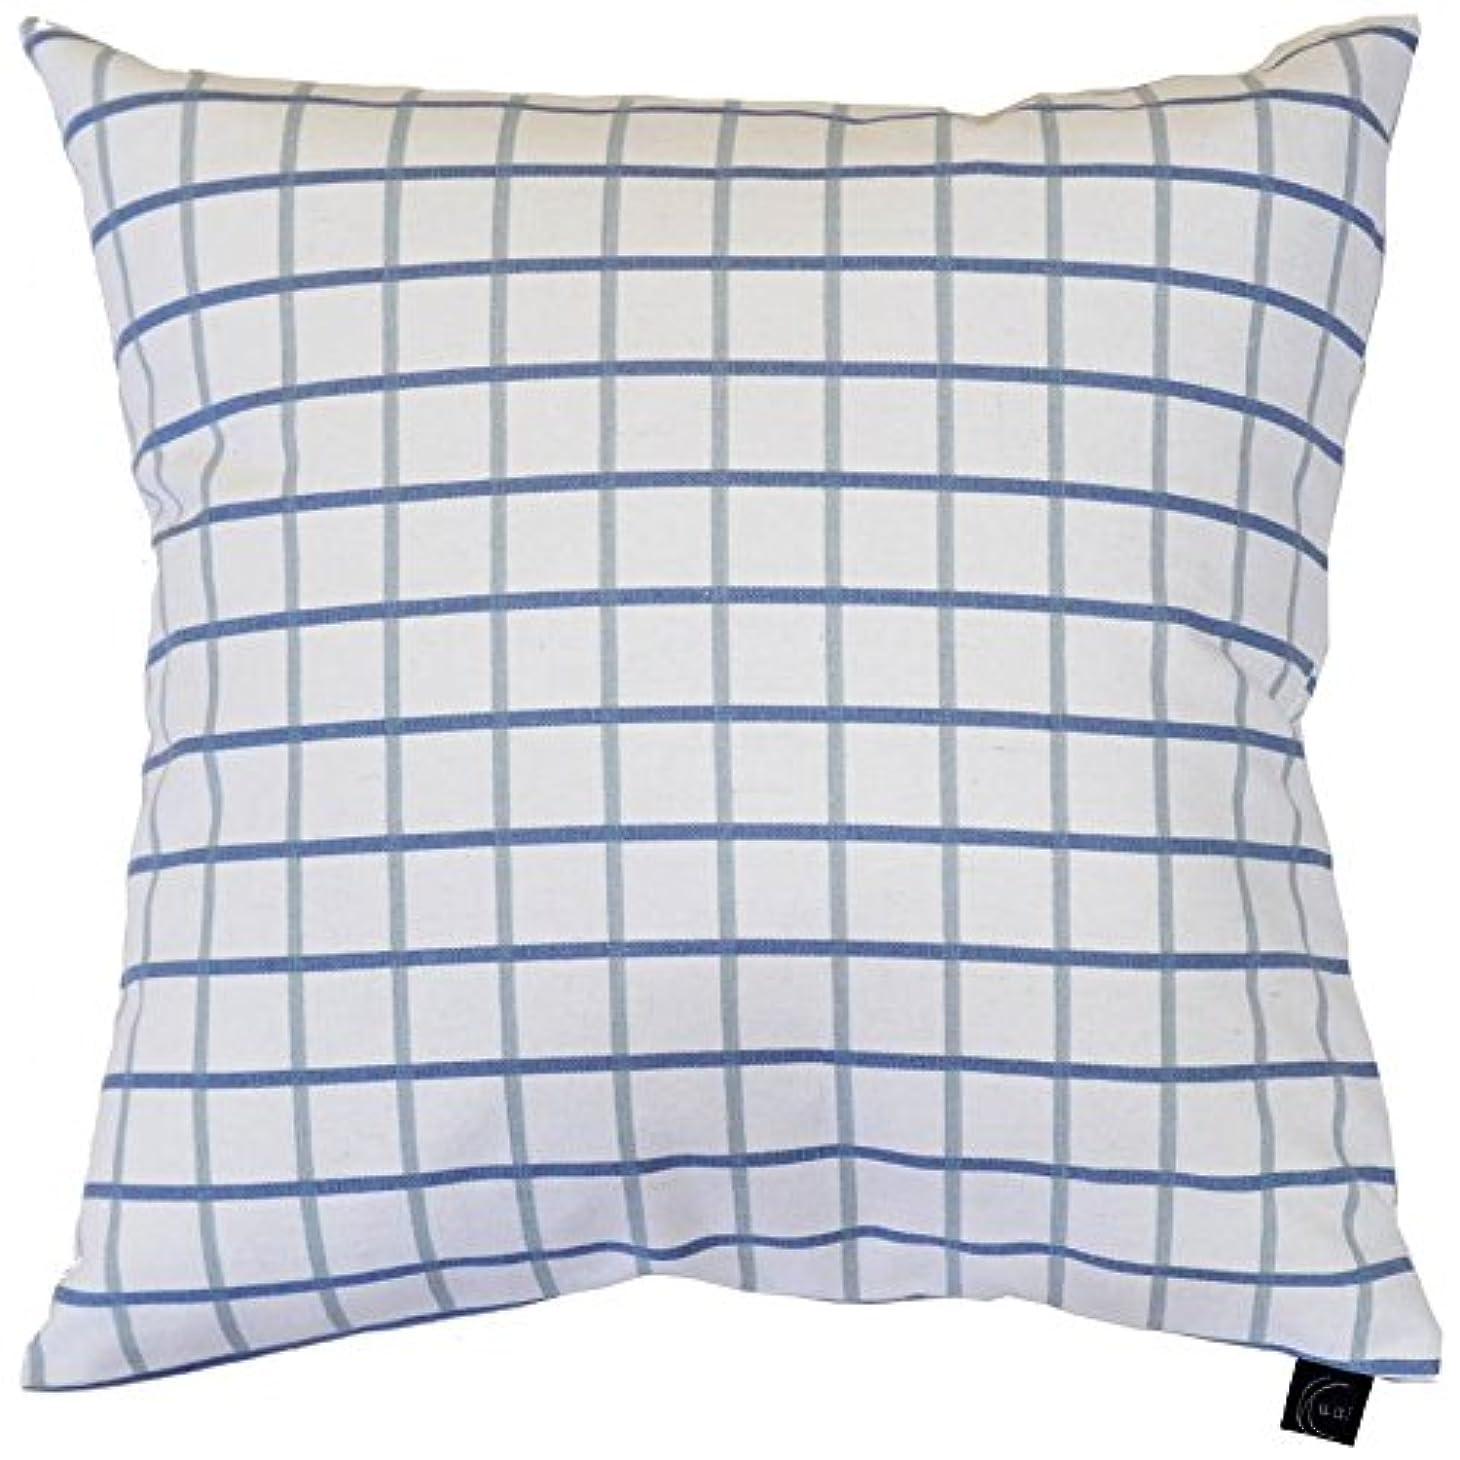 セマフォ綺麗な然としたクッションカバー 45cm チェック 北欧 シンプル 多色展開 グラフブルー